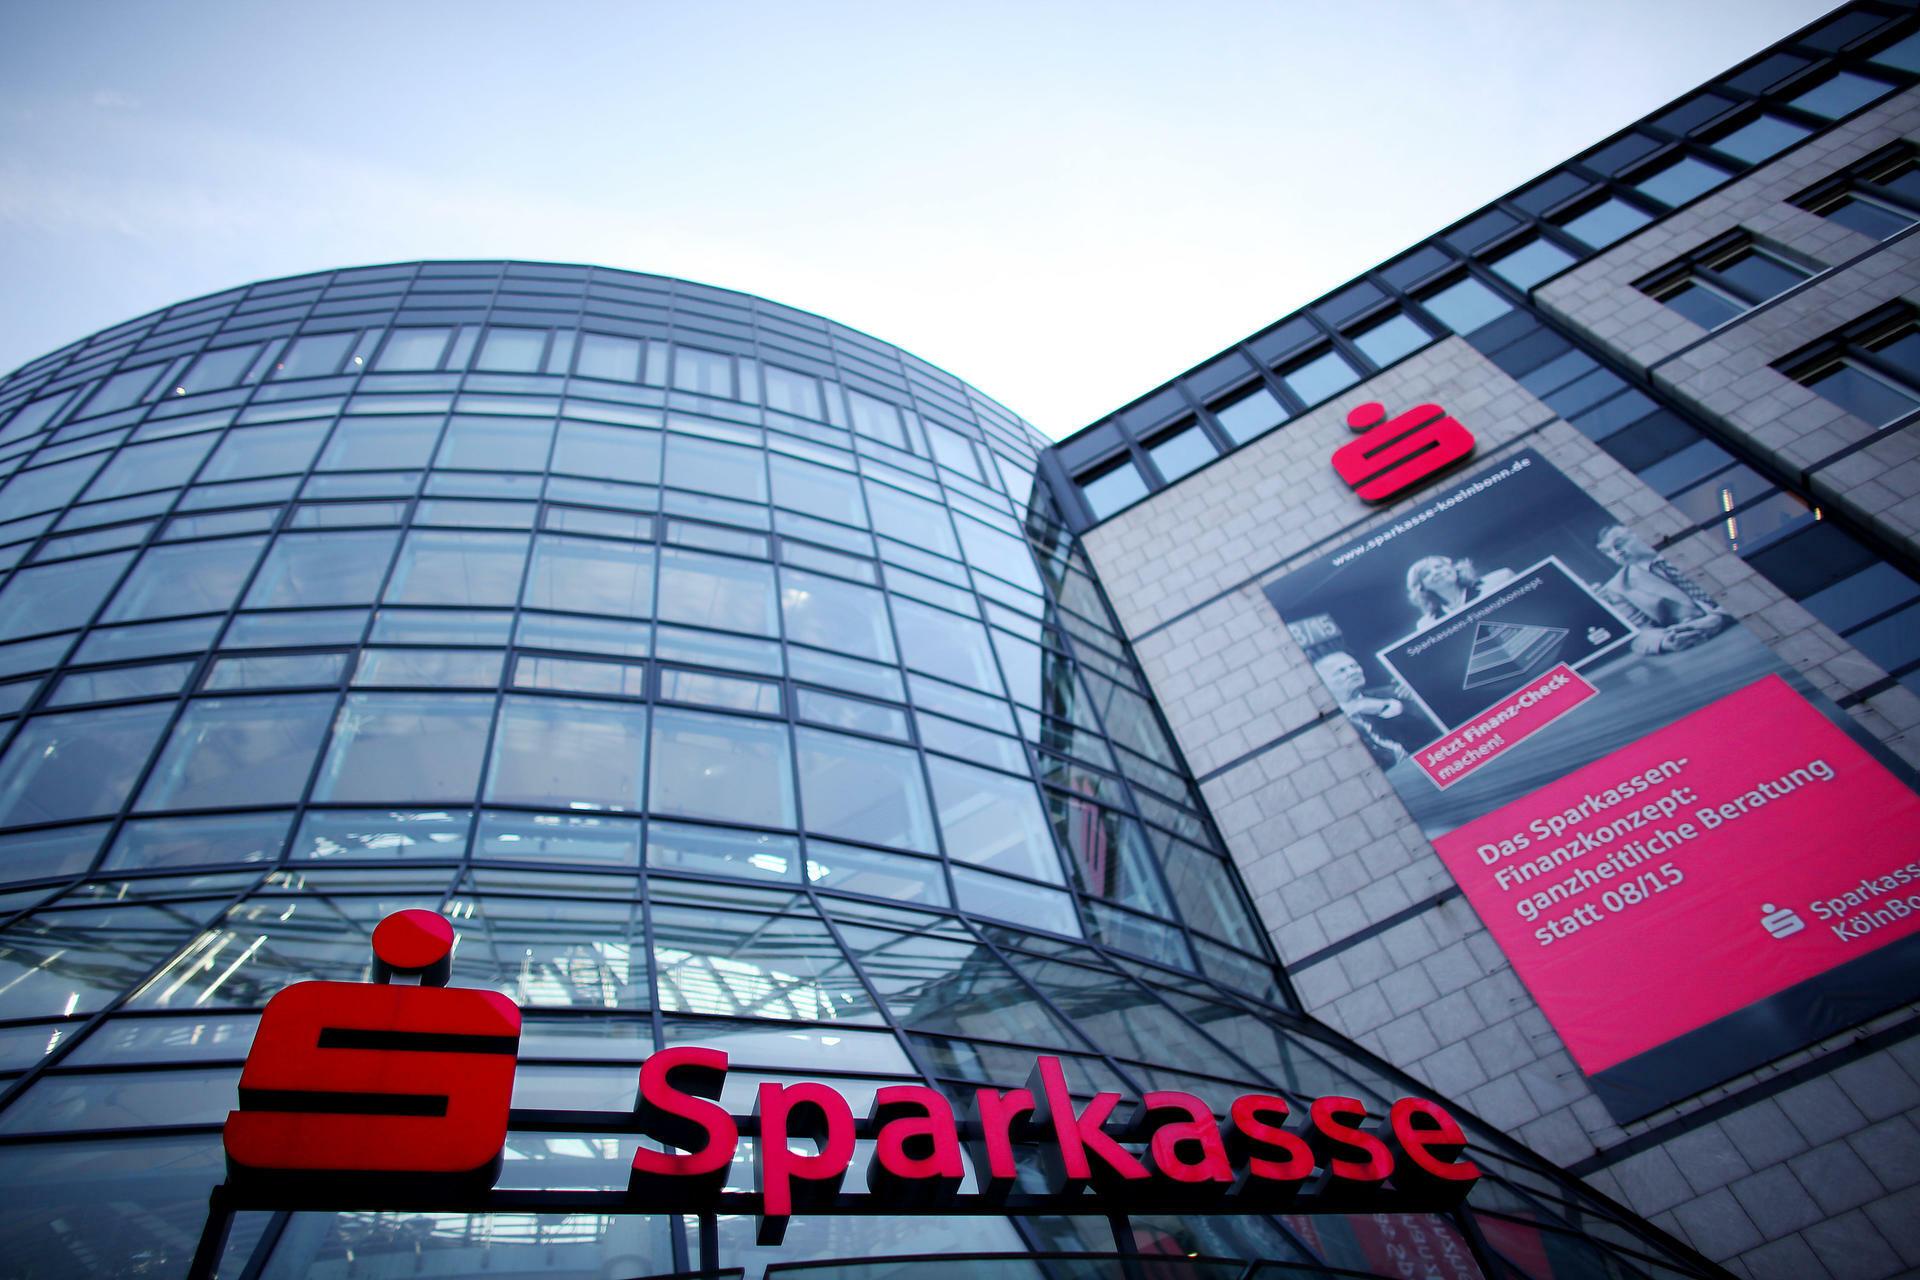 privatbanken deutschland mindest einlage